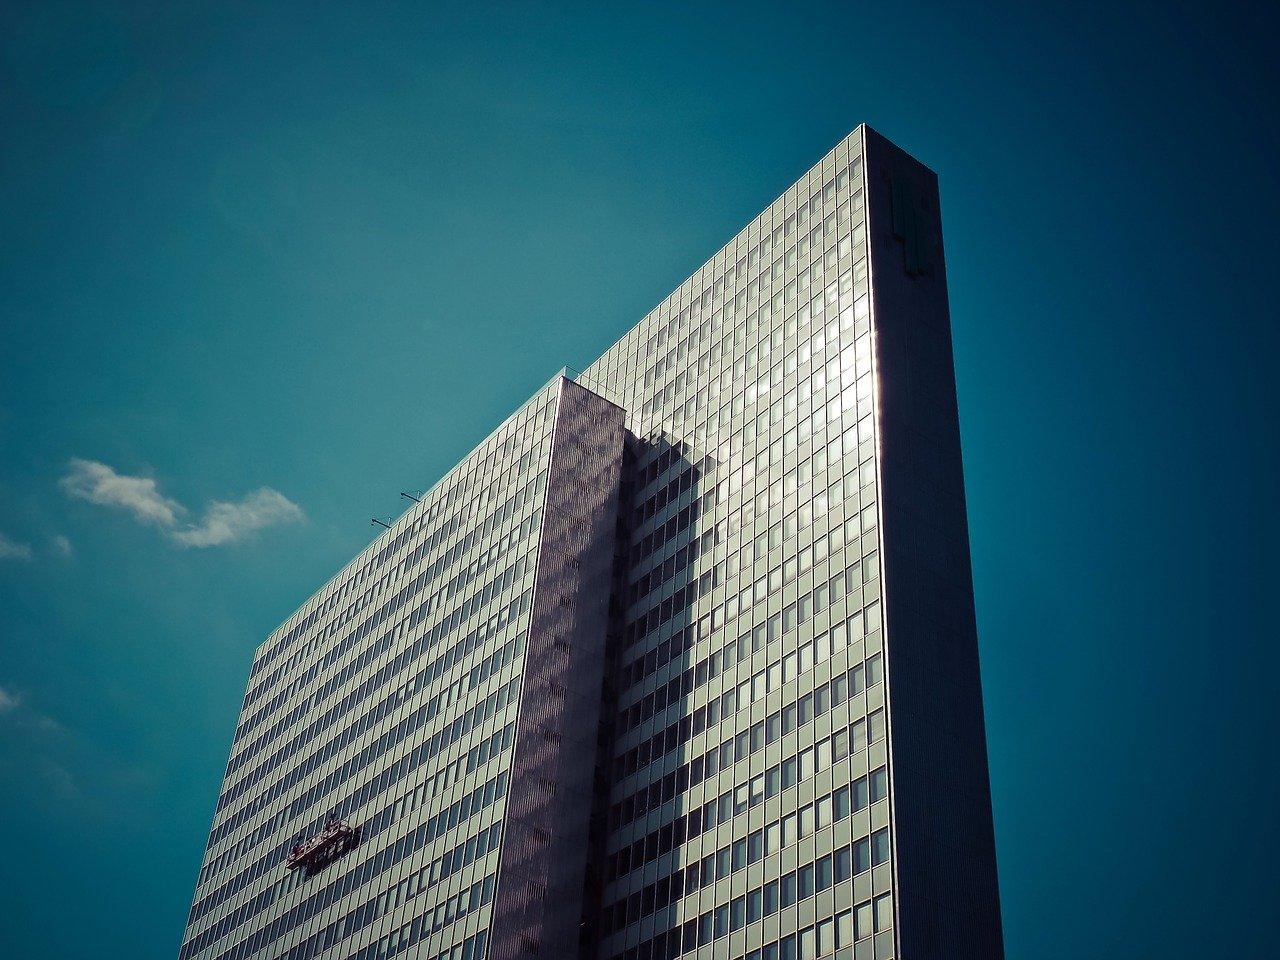 architecture-1359707_1280.jpg